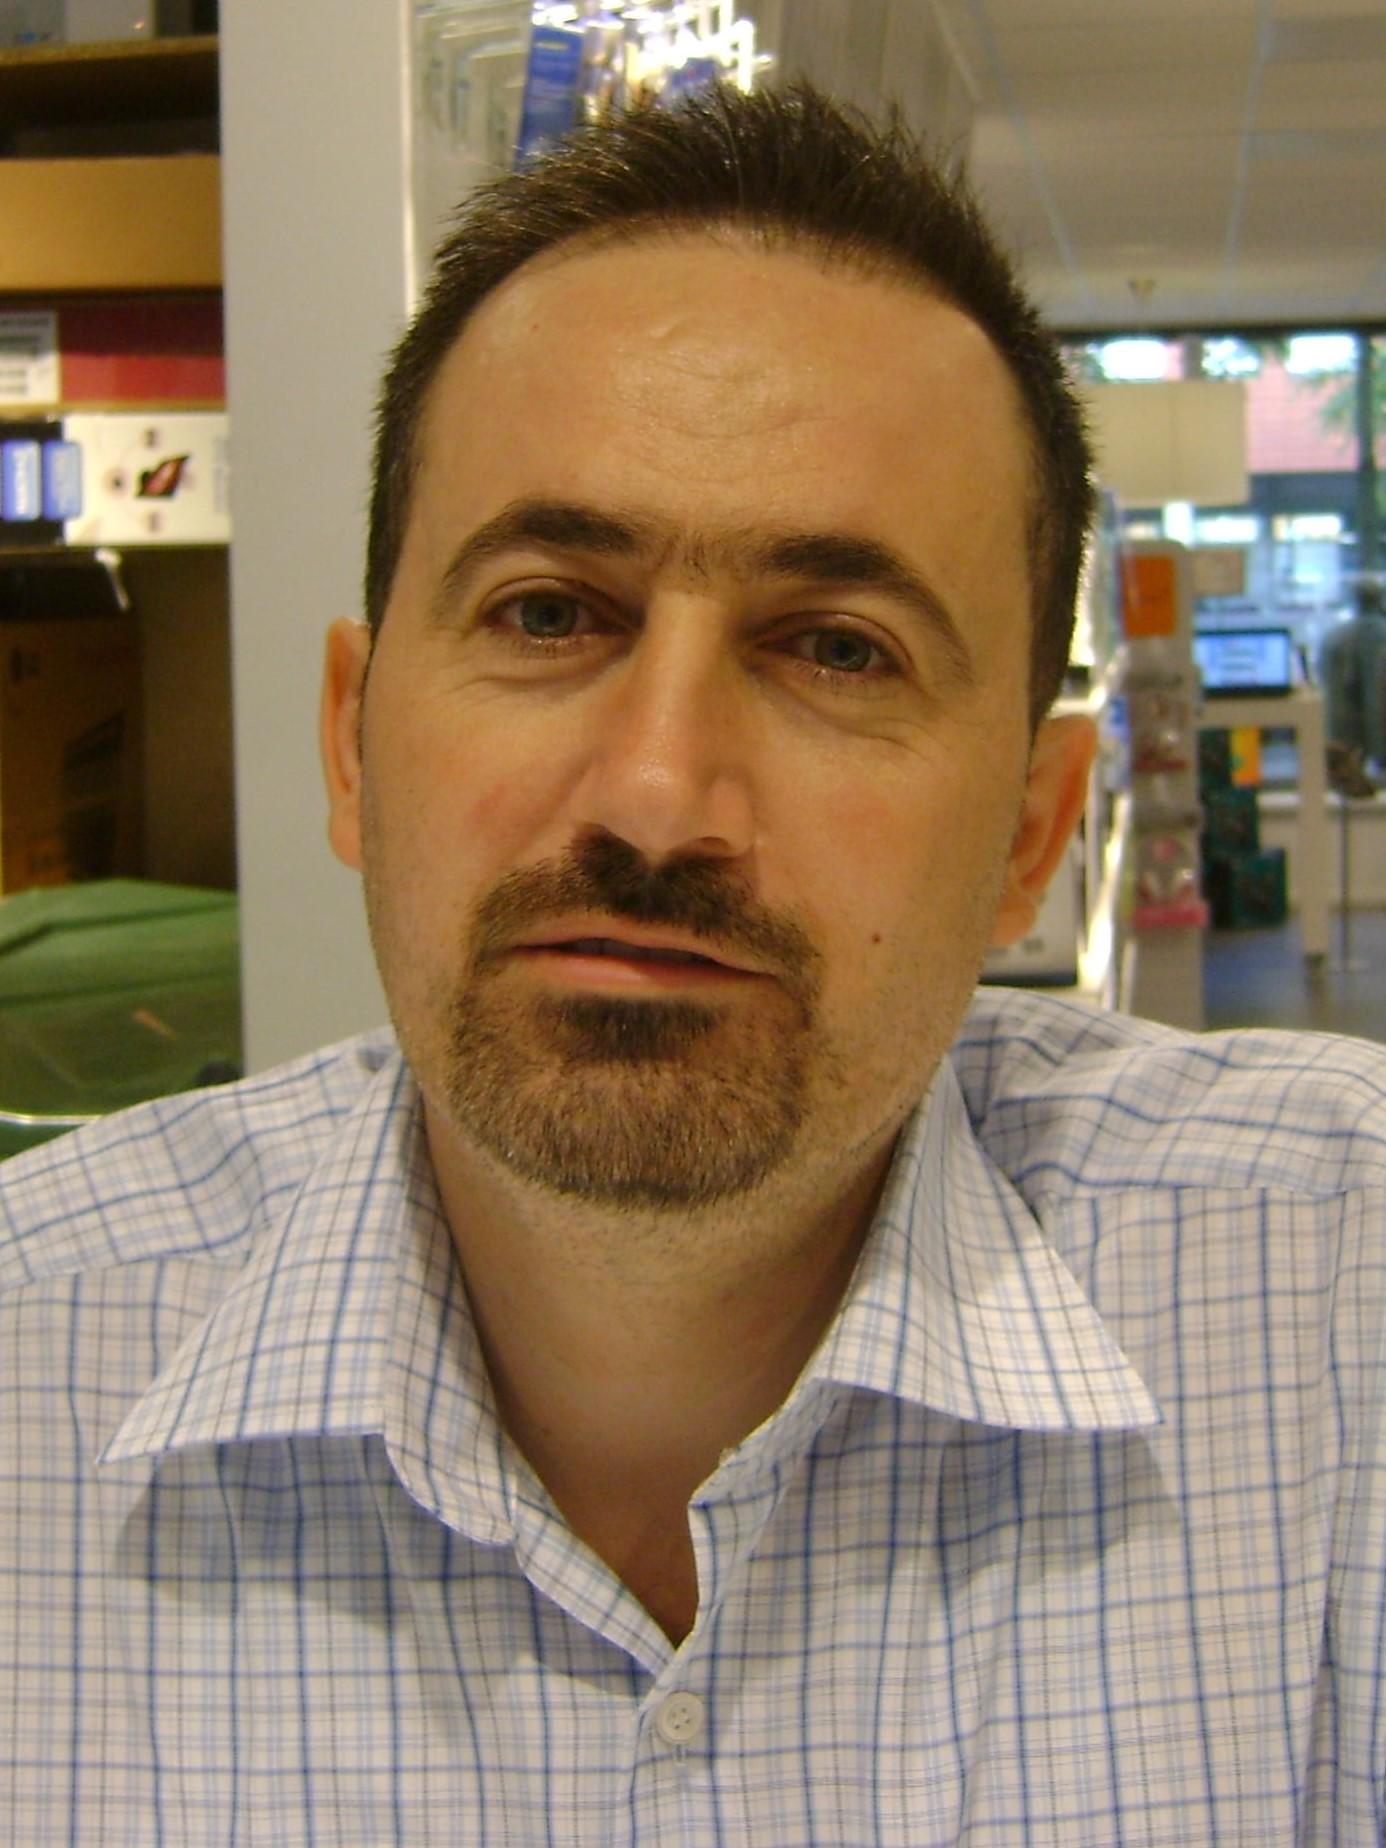 Respected Speaker for Webinar - Loai Aljerf